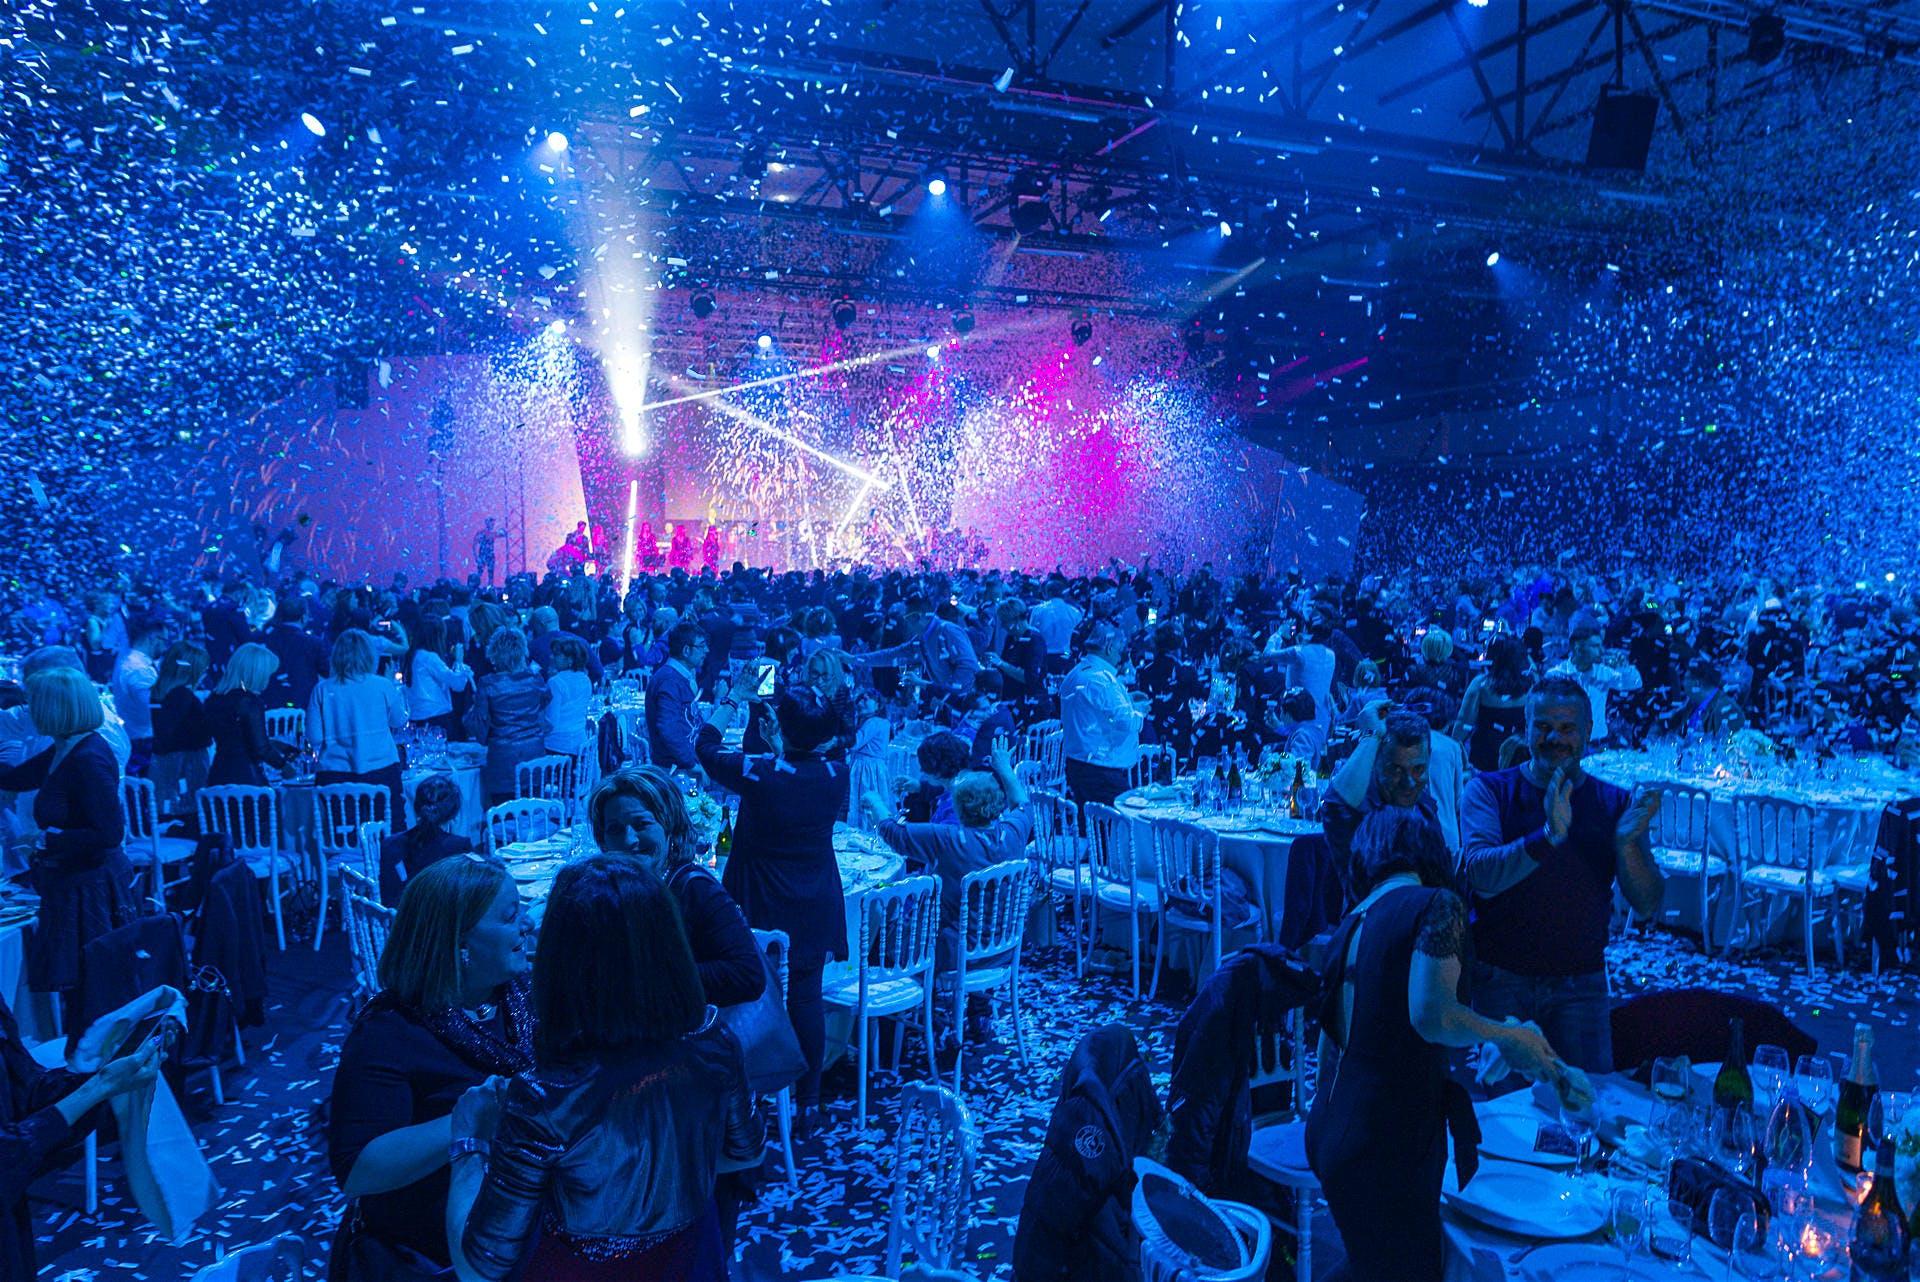 Gala per aziende spettacolari ed emozionanti